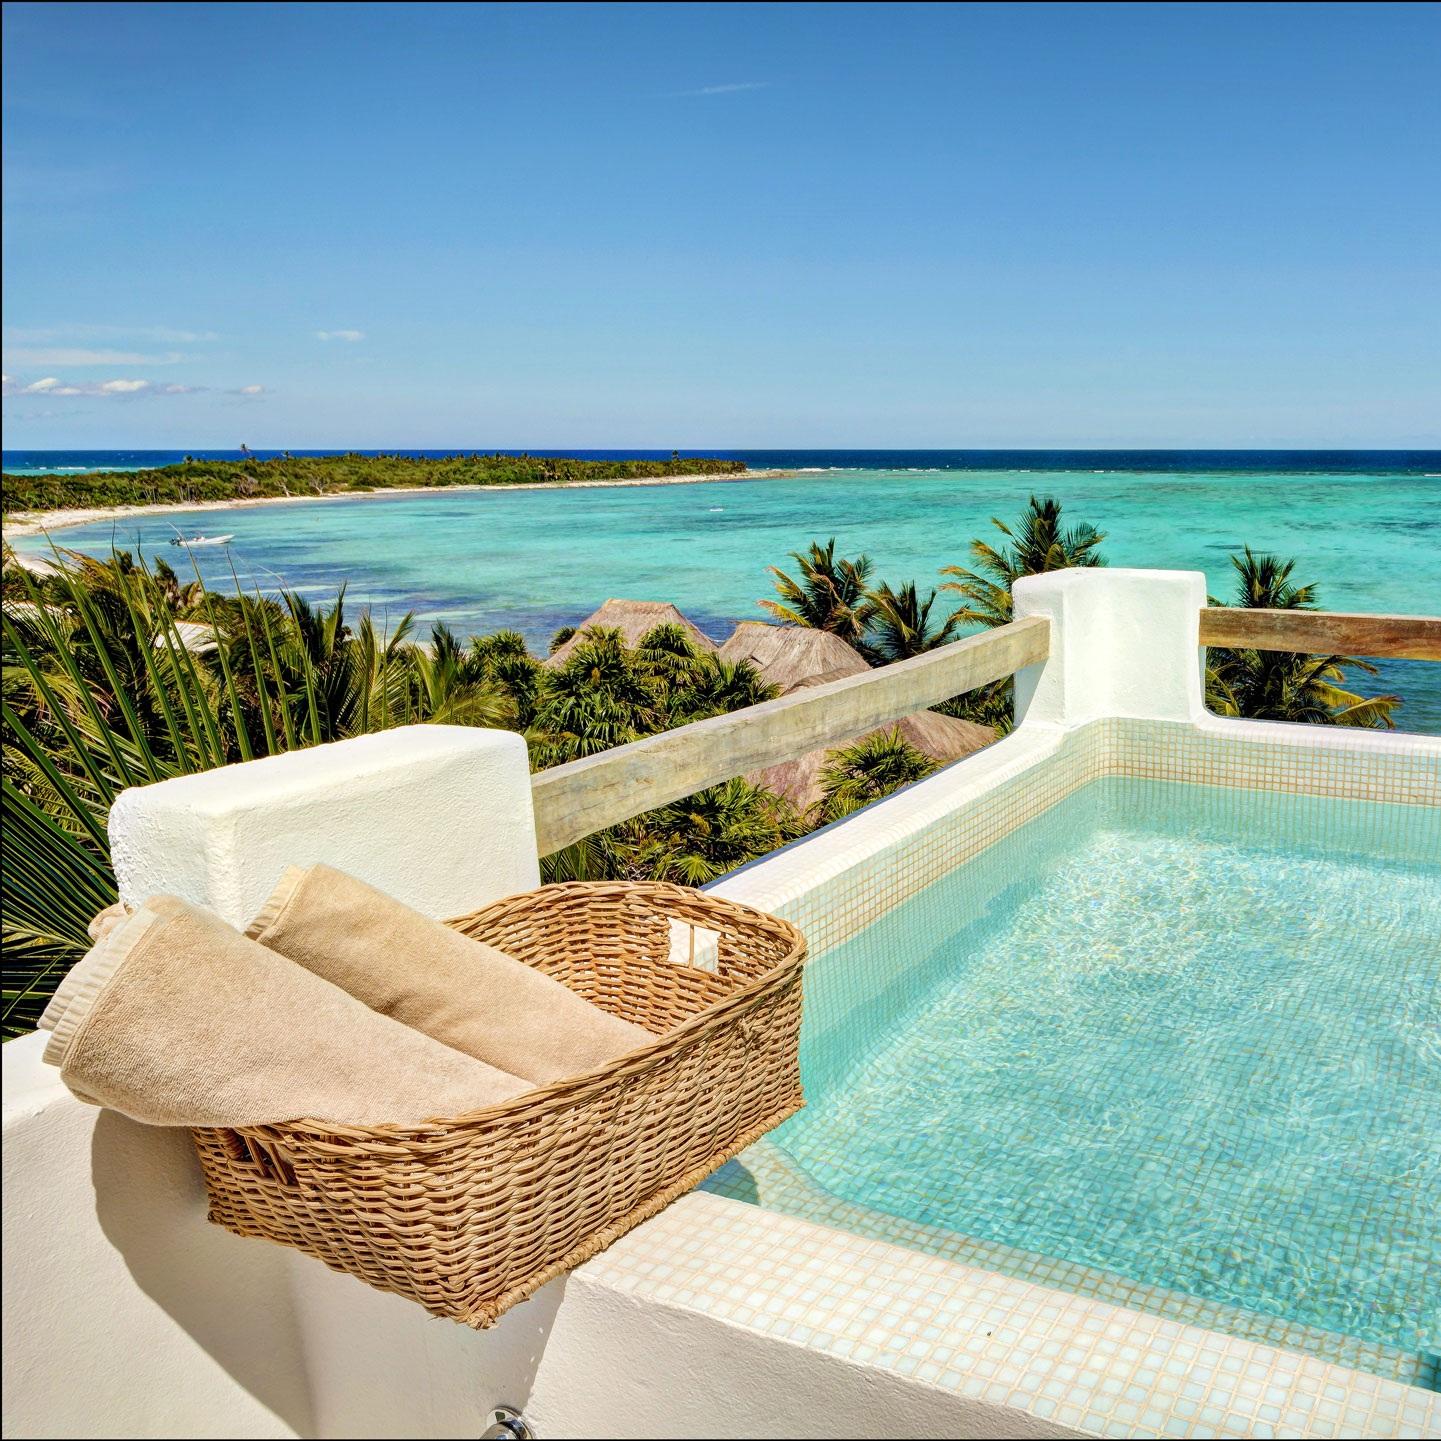 Maya_Luxe_Riviera_Maya_Luxury_Villas_Experiences_Soliman_Bay_Tulum_6_Bedrooms_Villa_Soliman_1.jpg